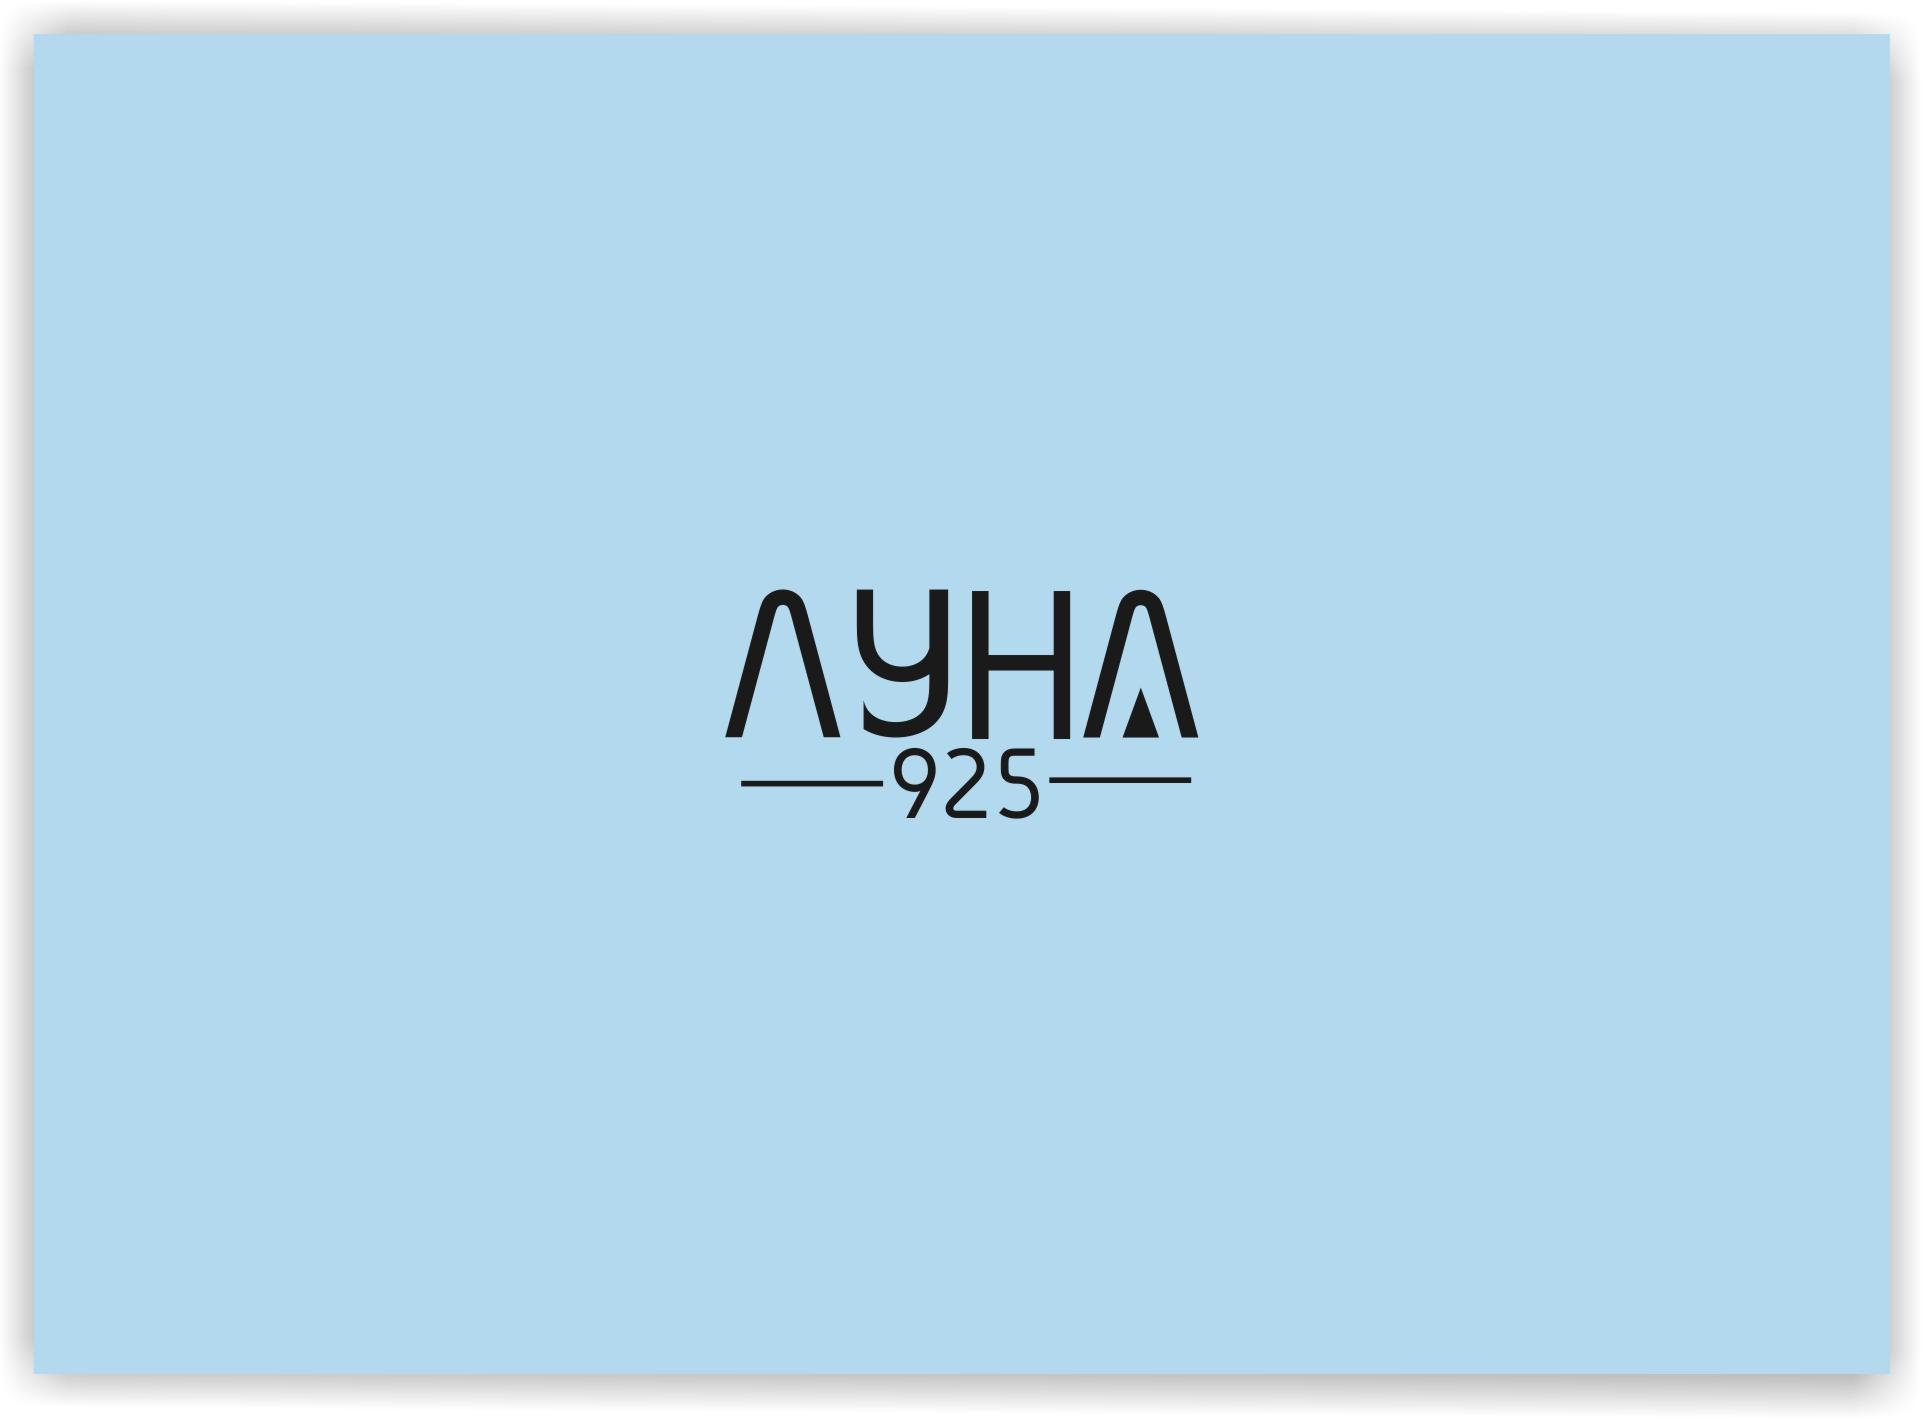 Логотип для столового серебра и посуды из серебра фото f_1385baf5cc895e9c.jpg